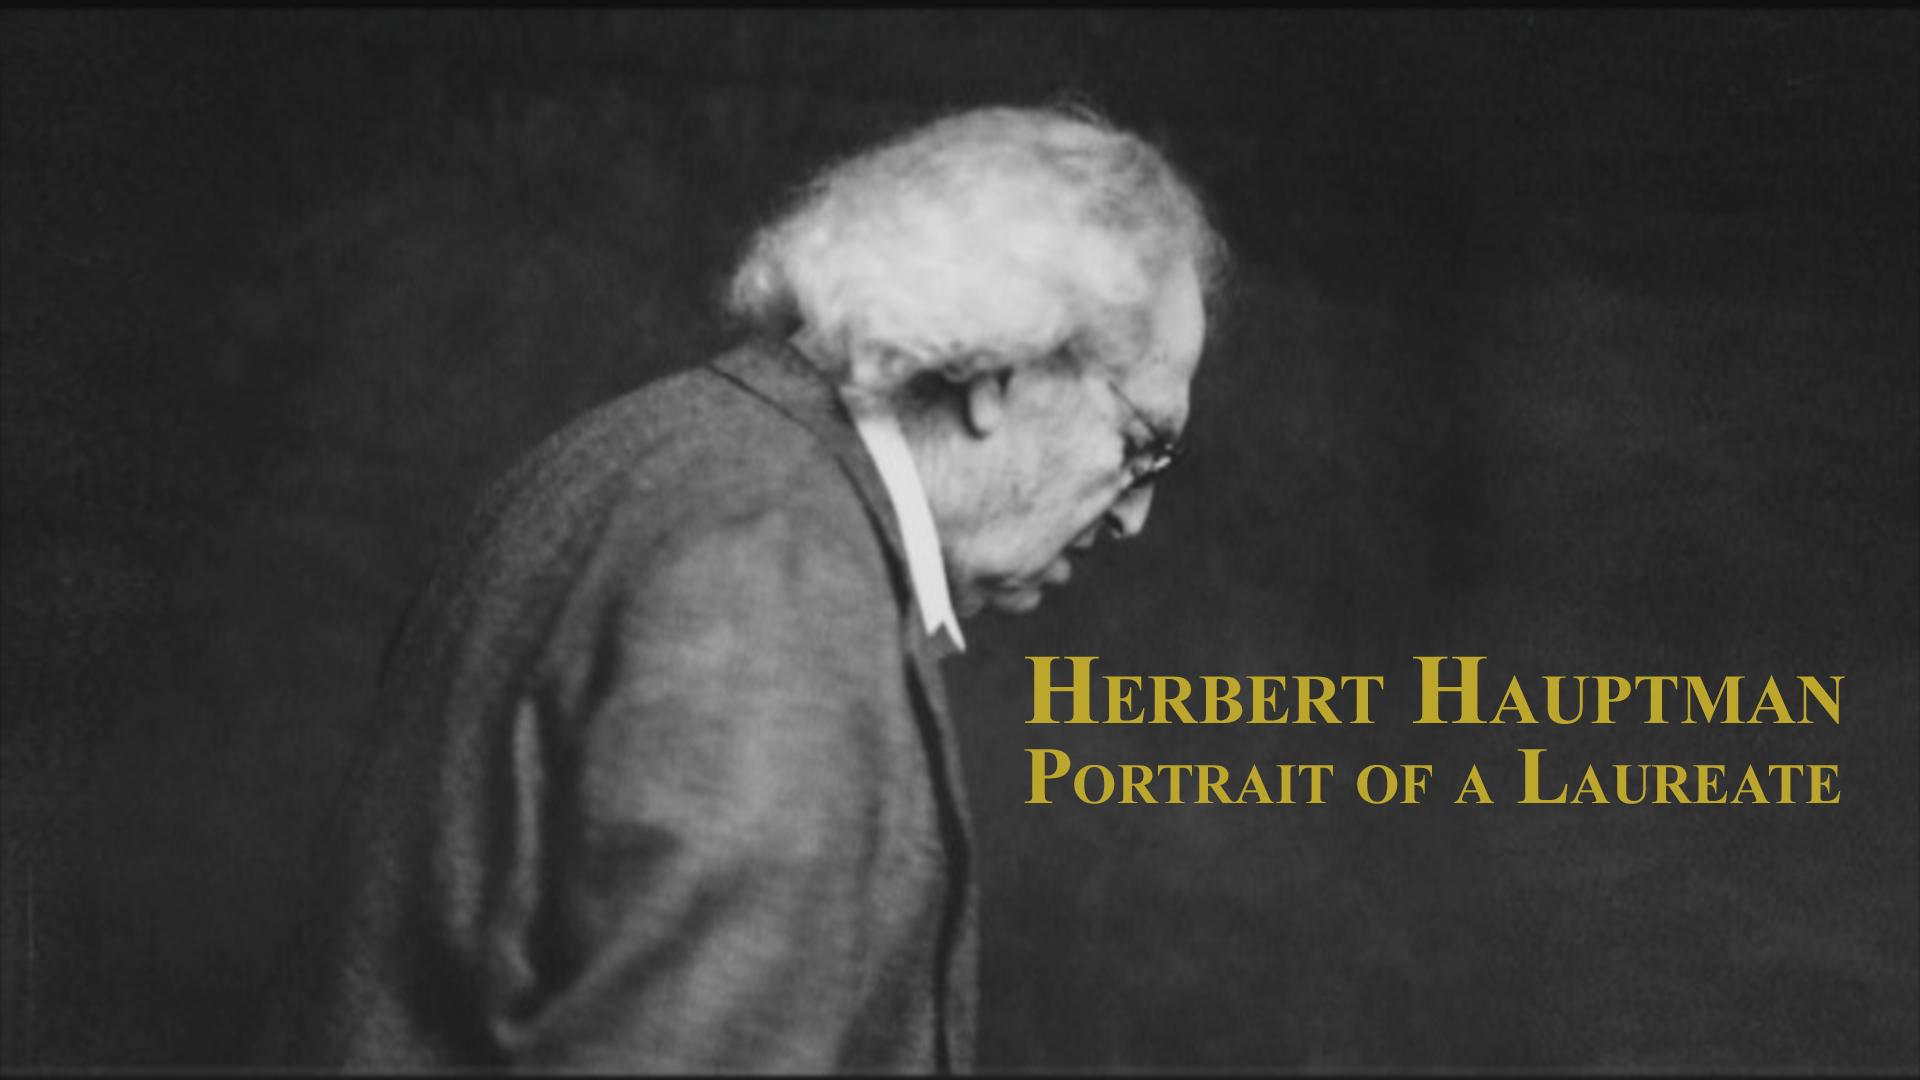 Herbert Hauptman: Portrait of a Laureate